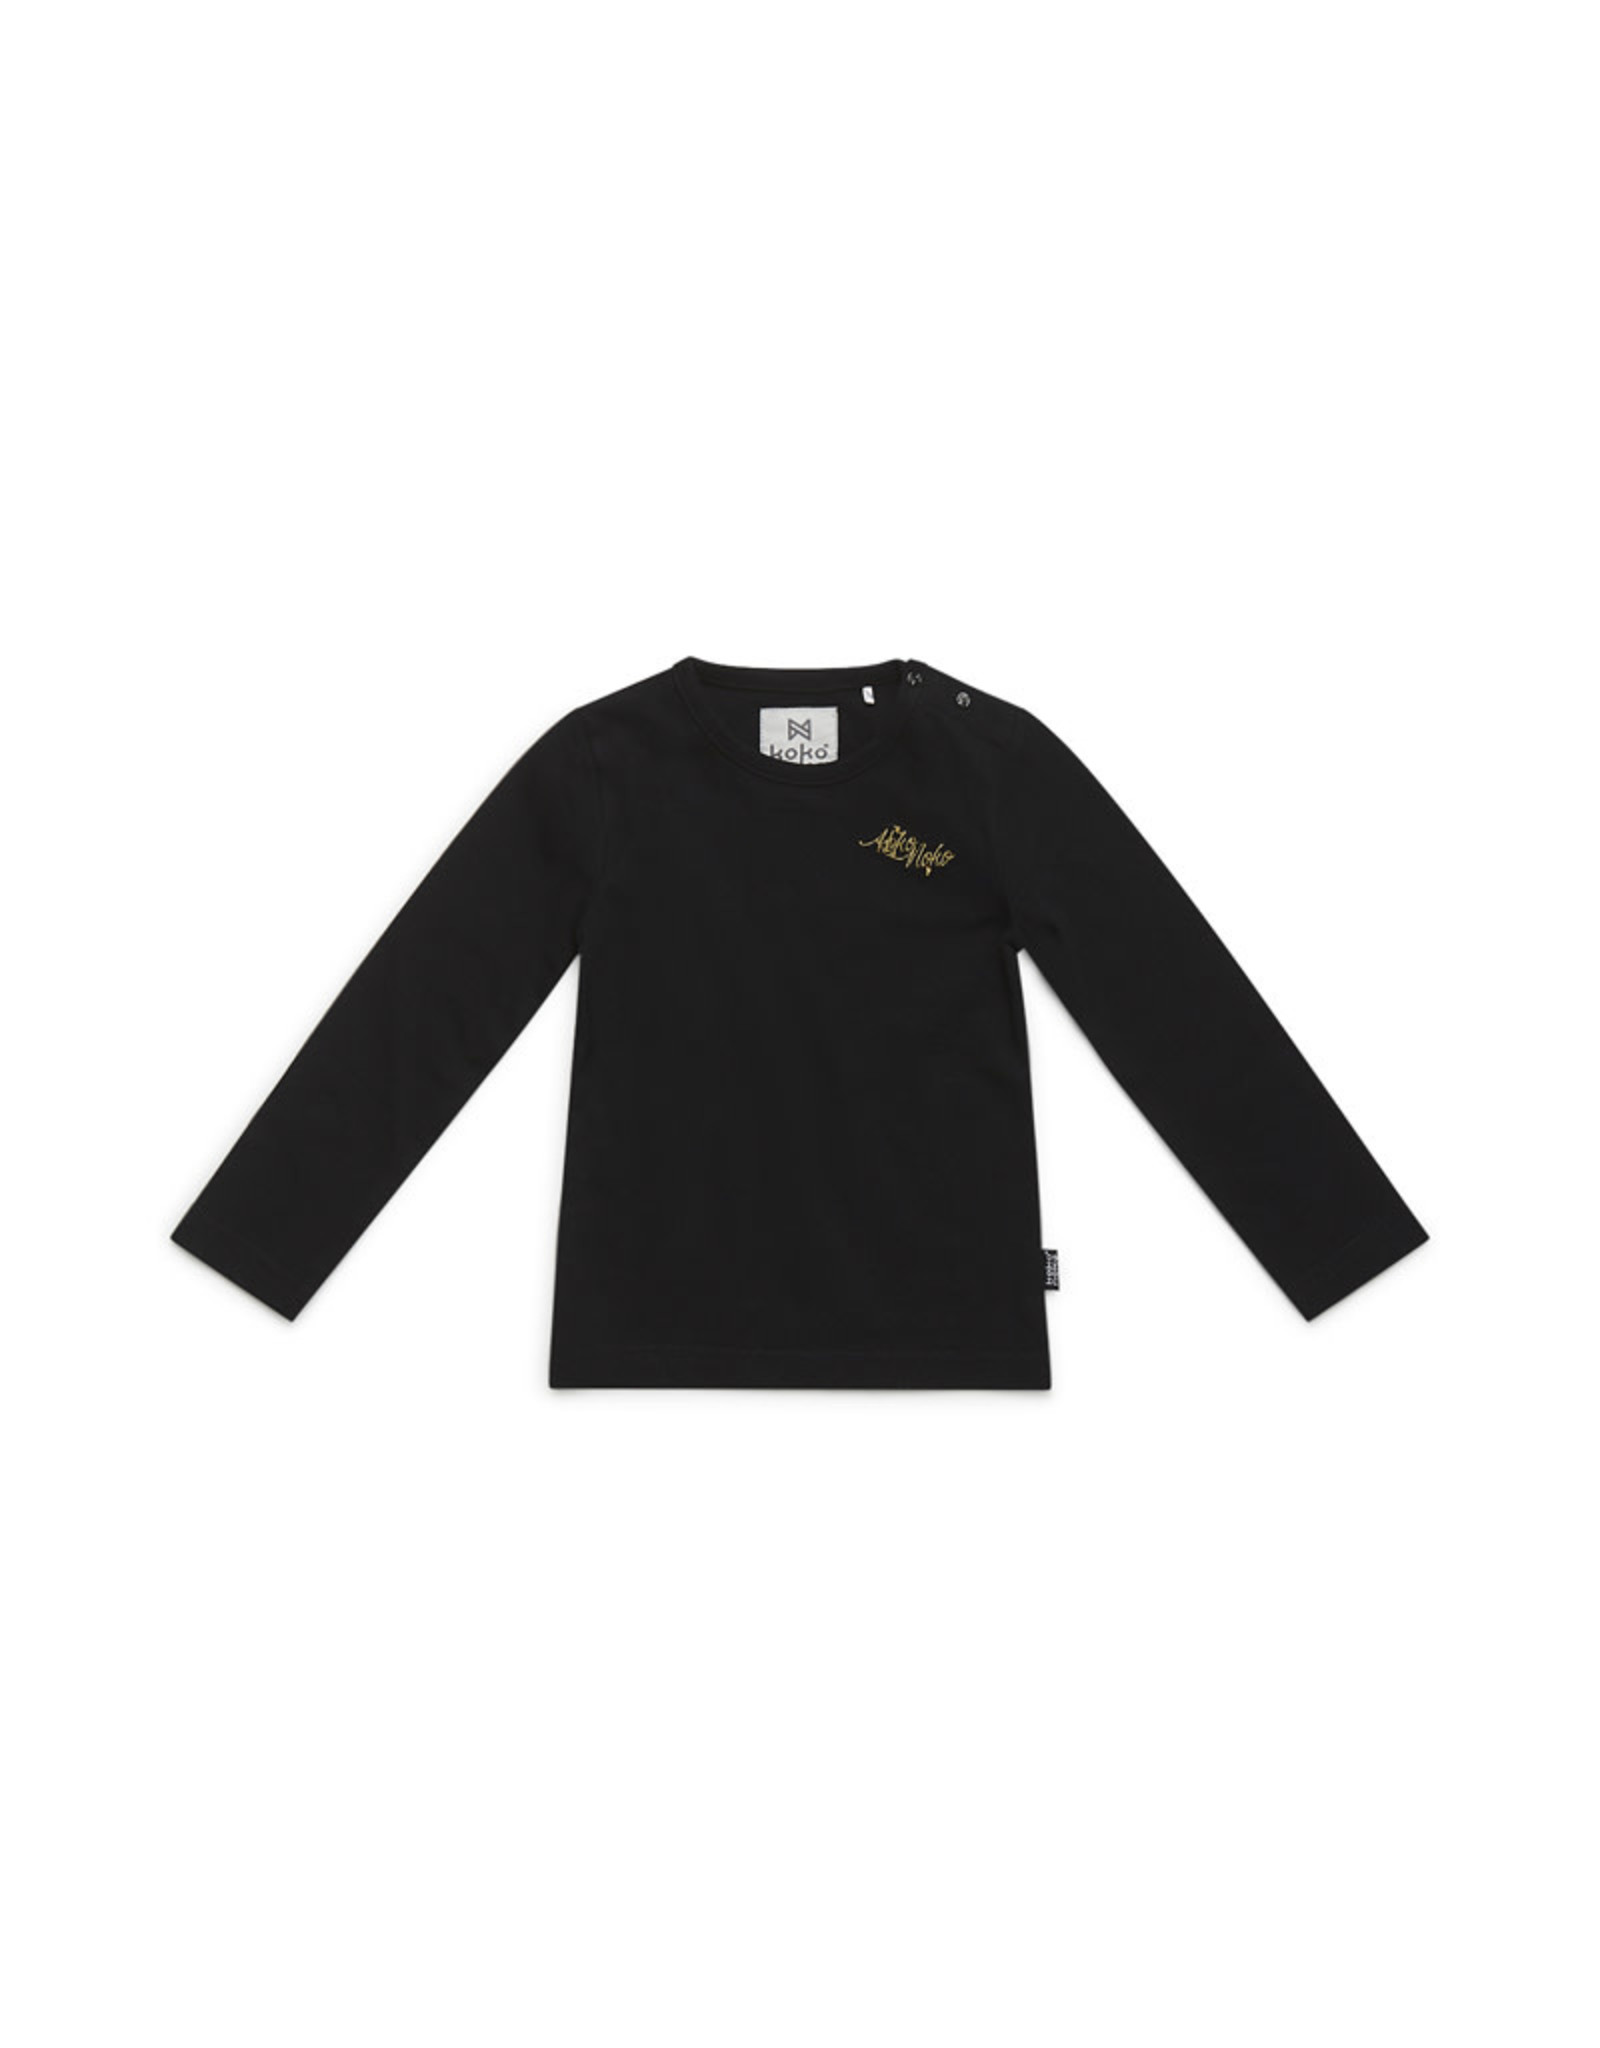 Koko Noko Koko Noko meisjes shirt basic Black